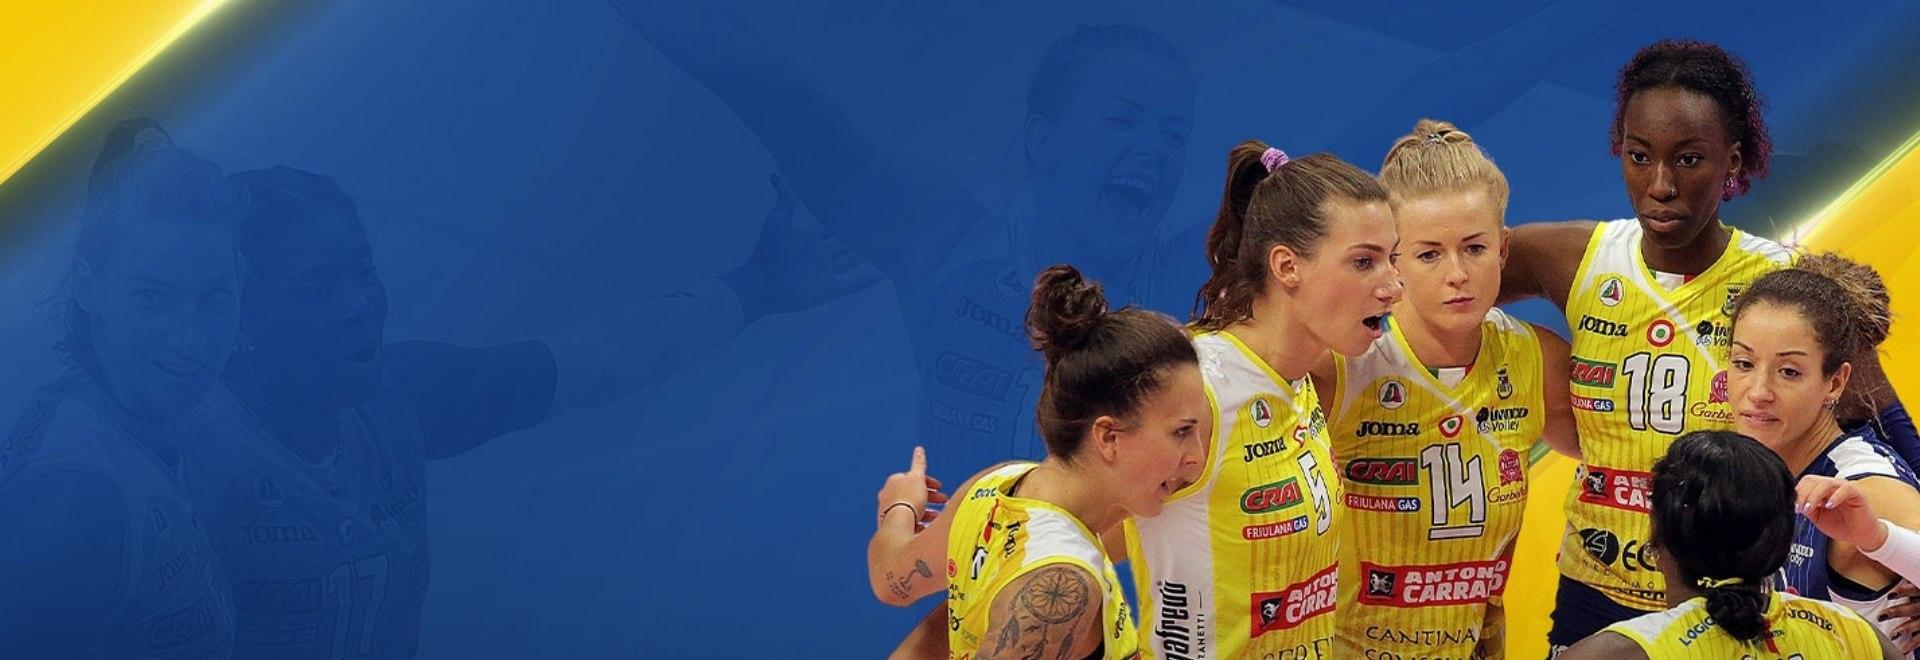 Volley donne, una stagione d'Oro